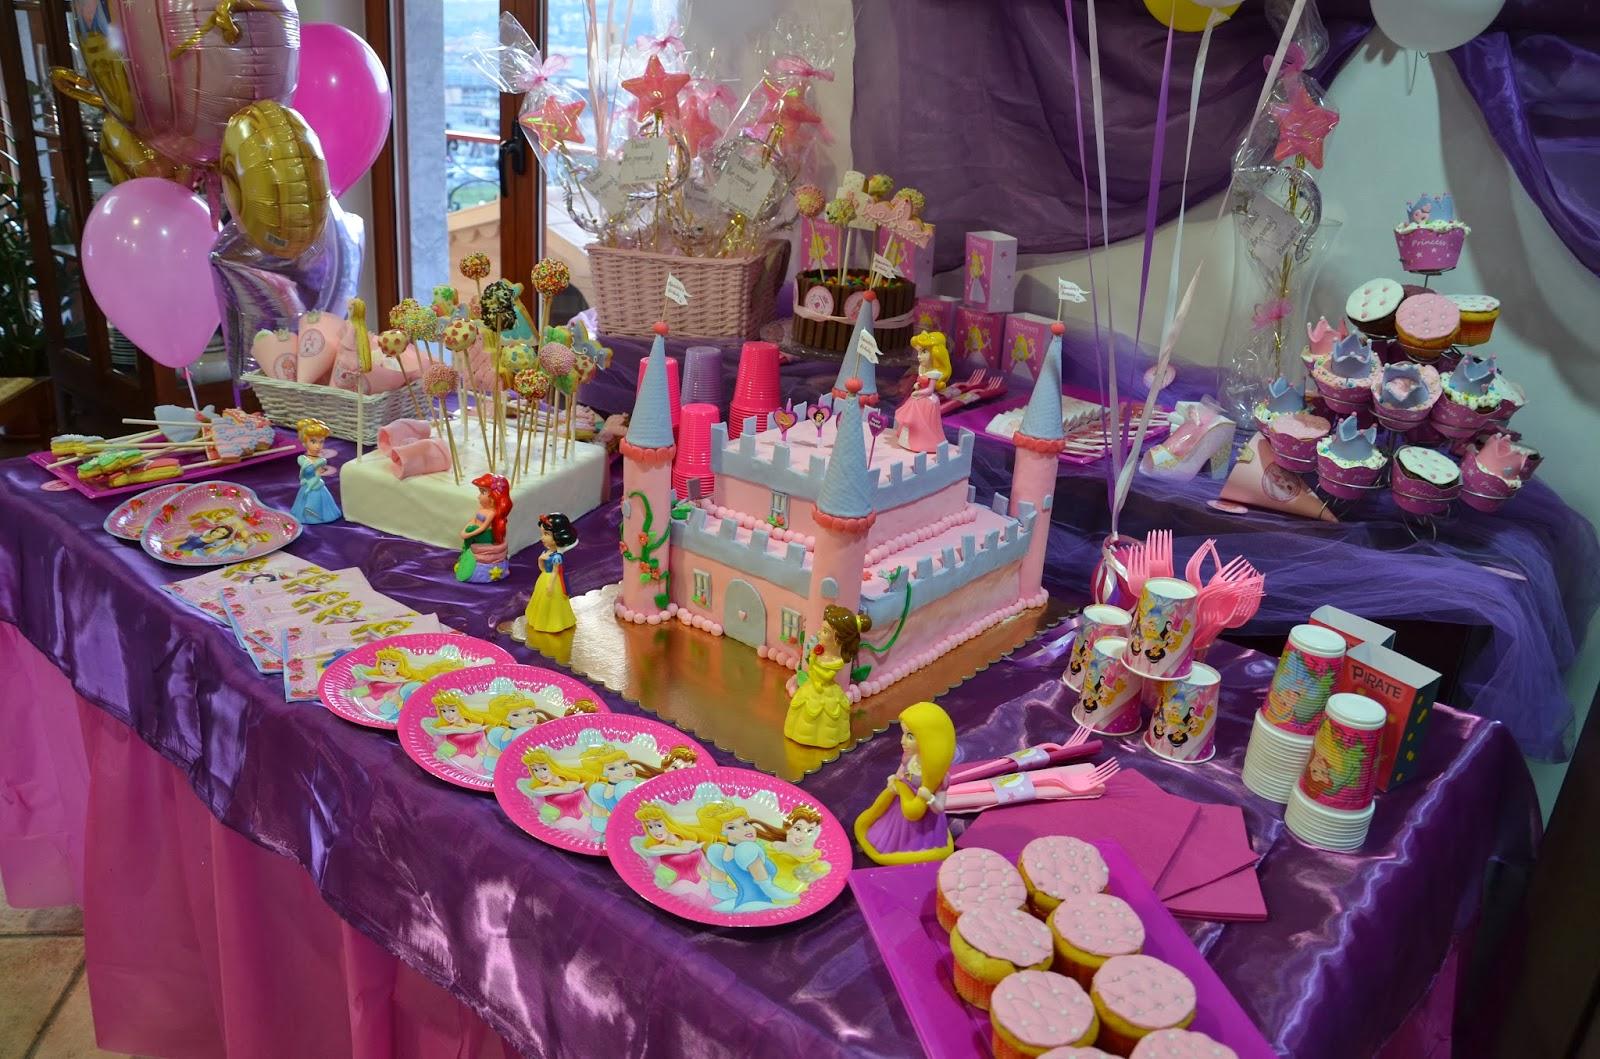 abbastanza Festa di compleanno: consigli e idee per una festa a tema Violetta  WF78